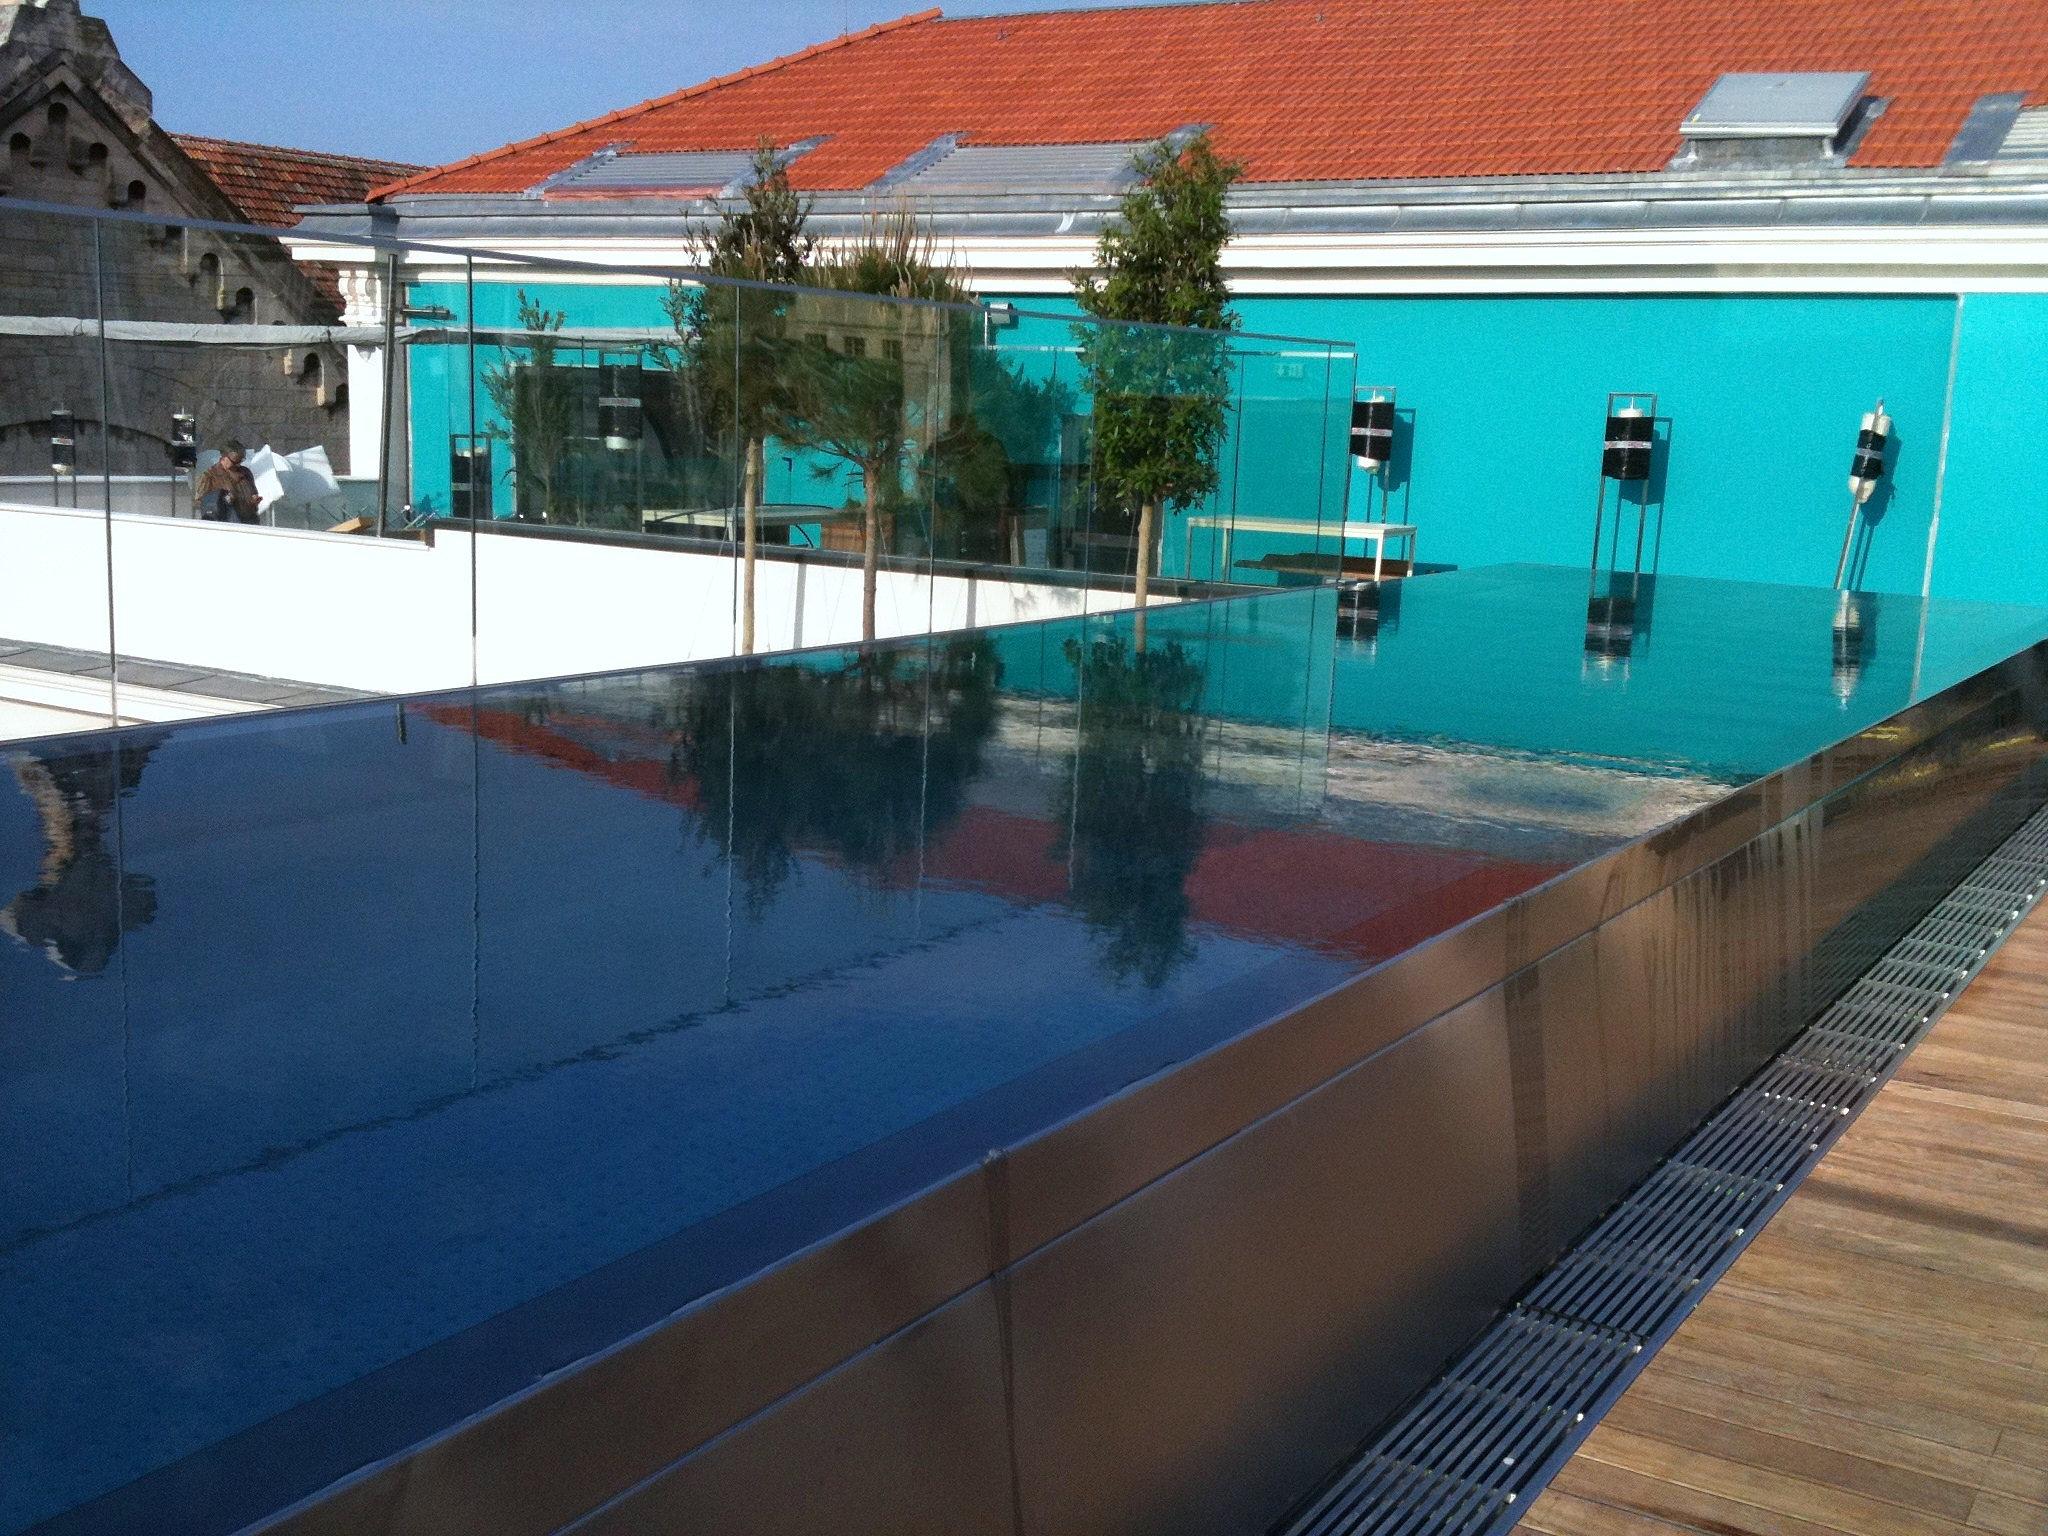 Petris plomberie piscine d bordement en inox 2 for Piscine 3 05 x 1 22